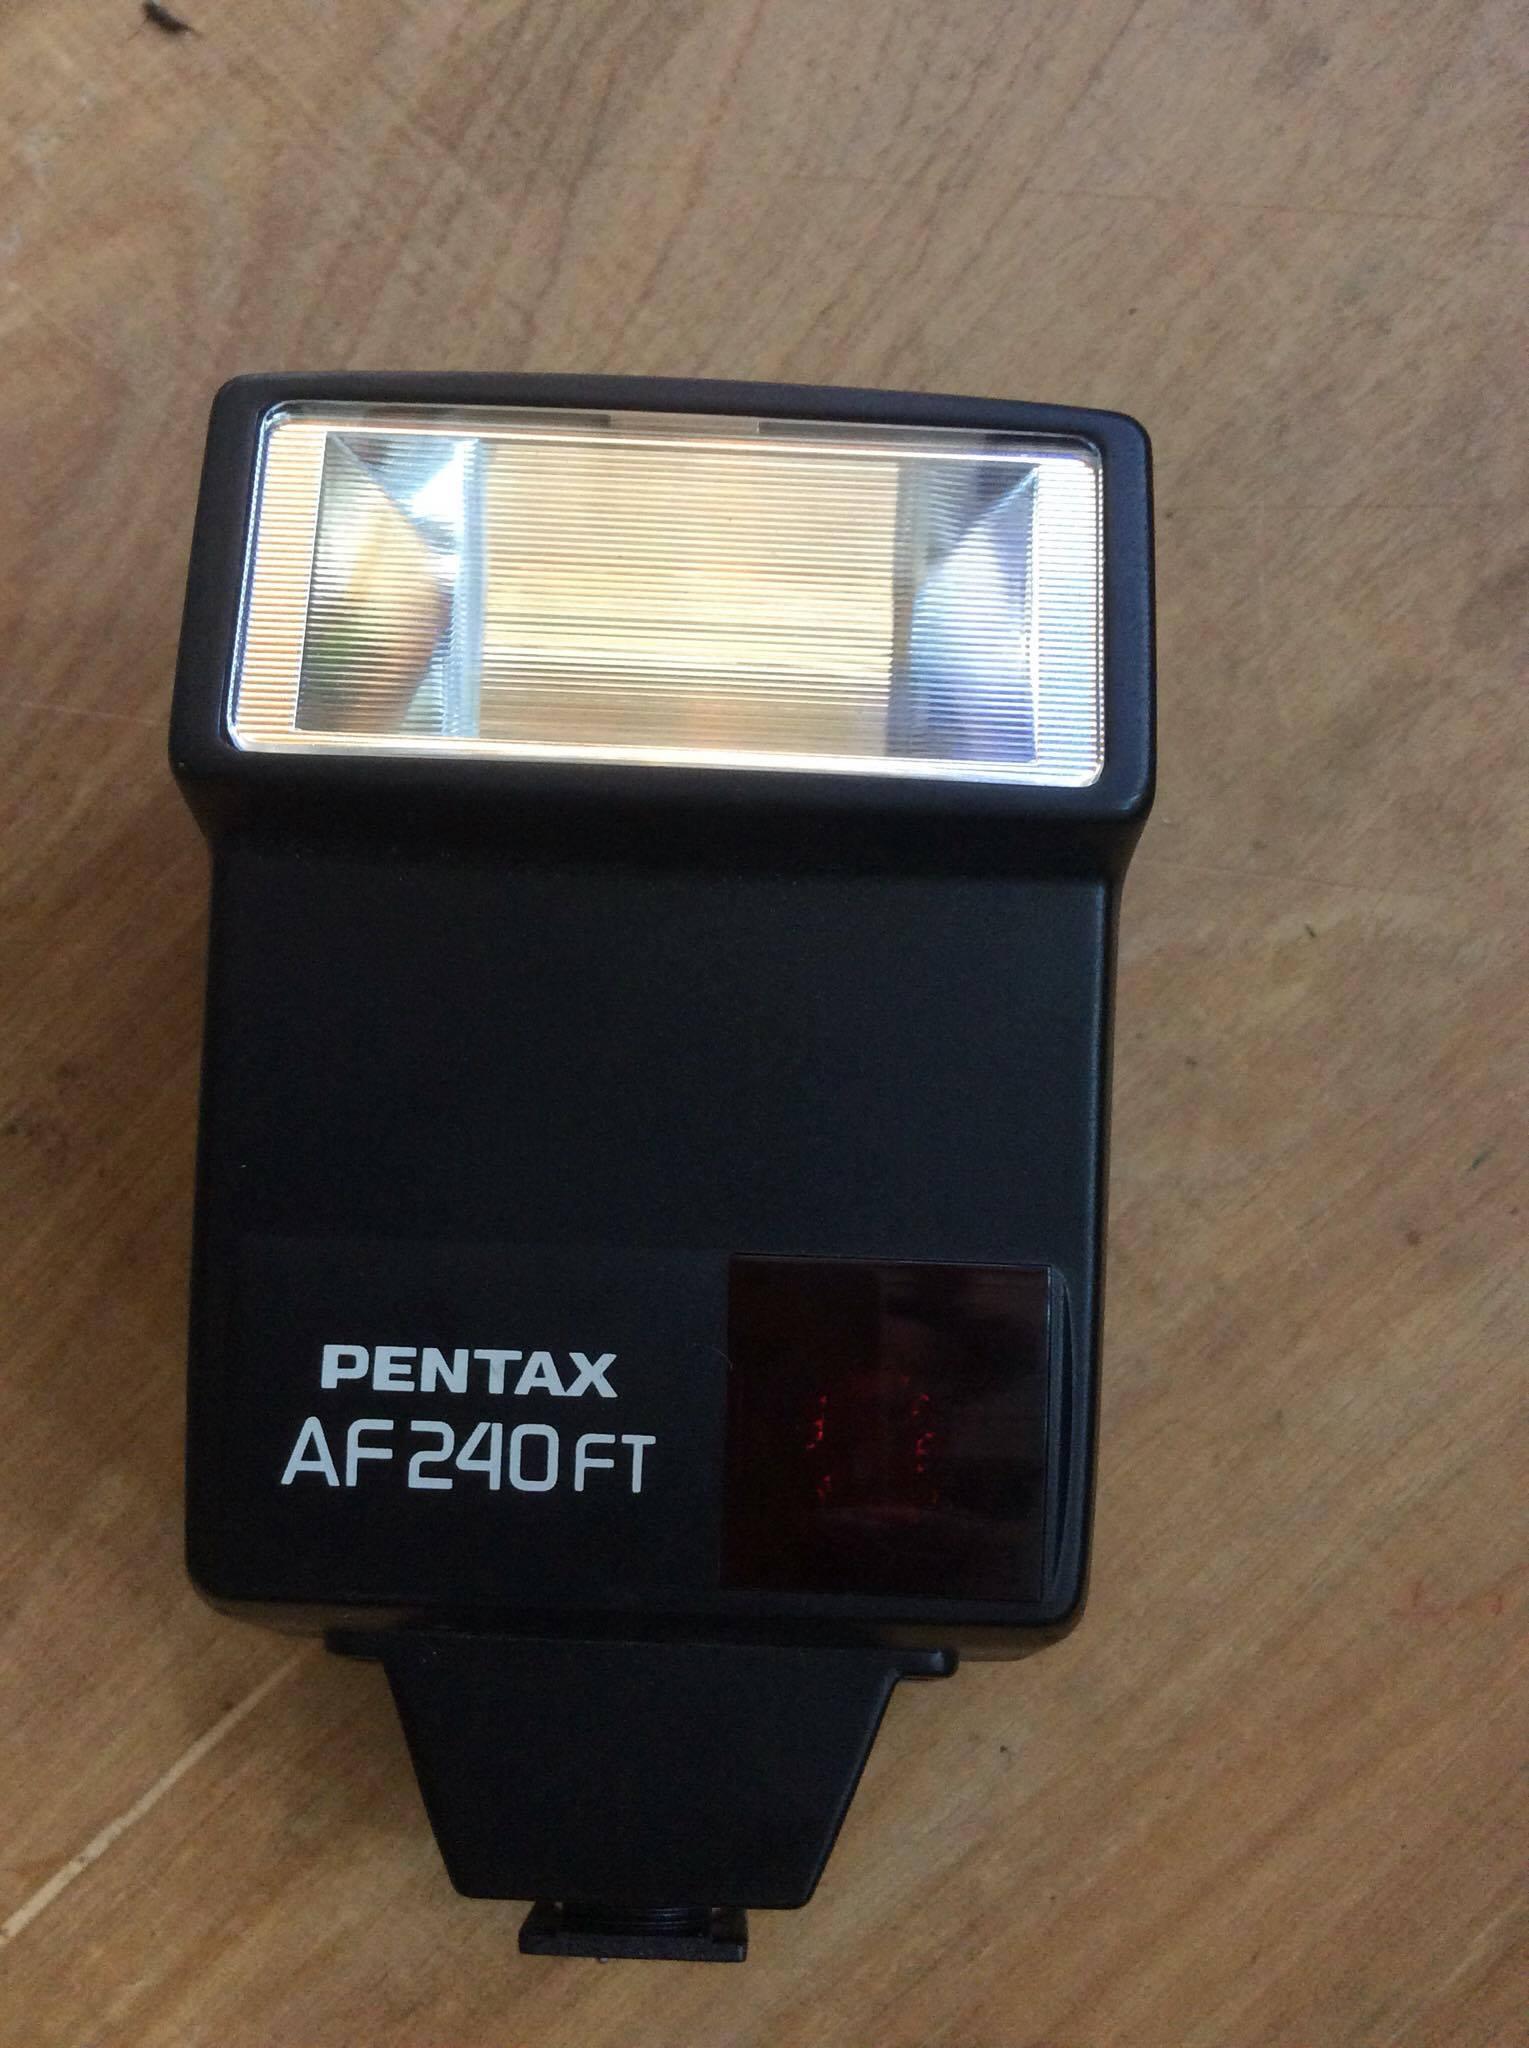 PENTAX AF 240FT